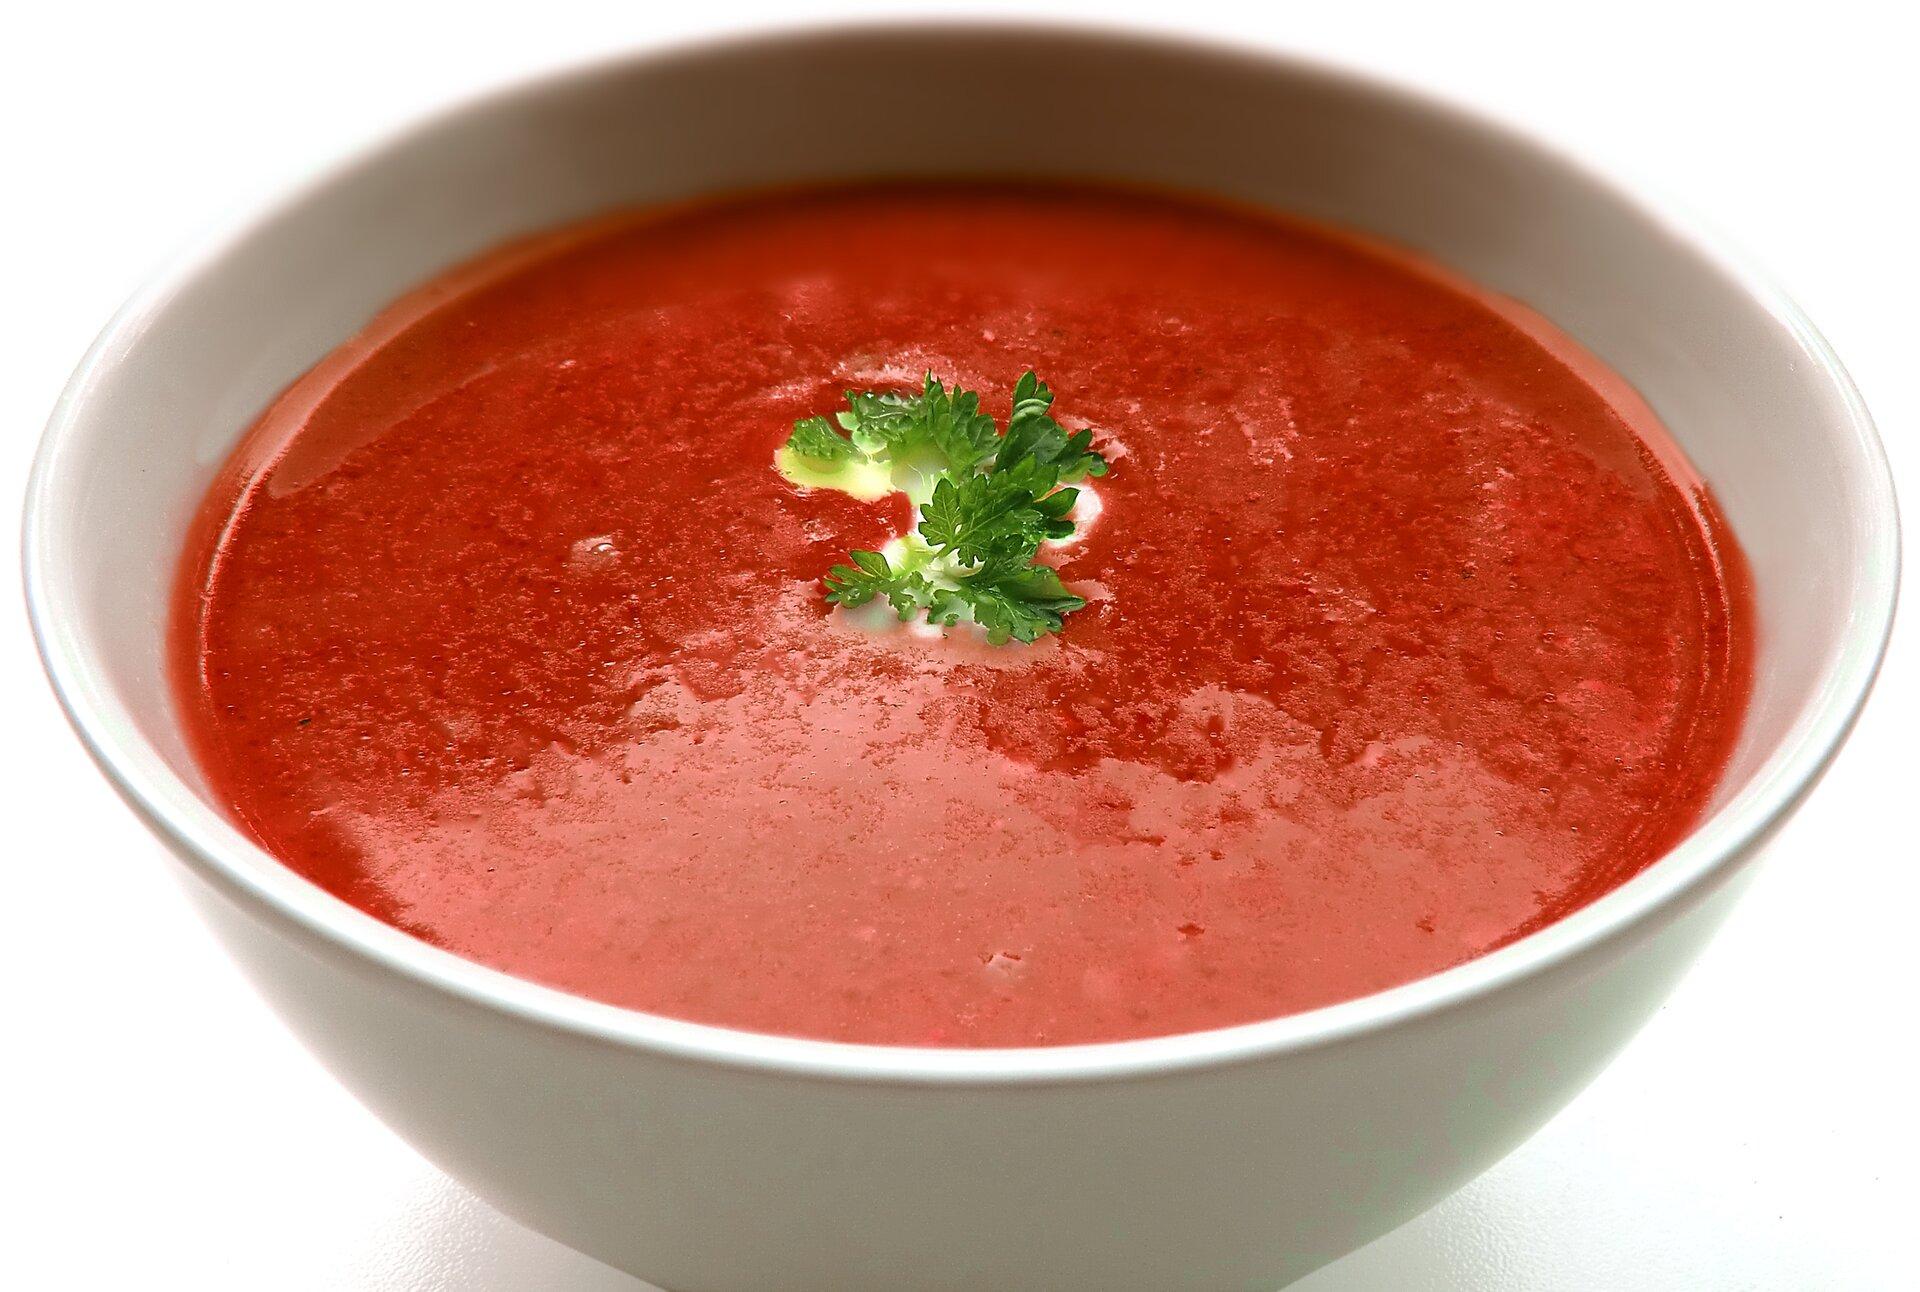 Zupa pomidorowa - zdjęcie stock Źródło: domena publiczna.